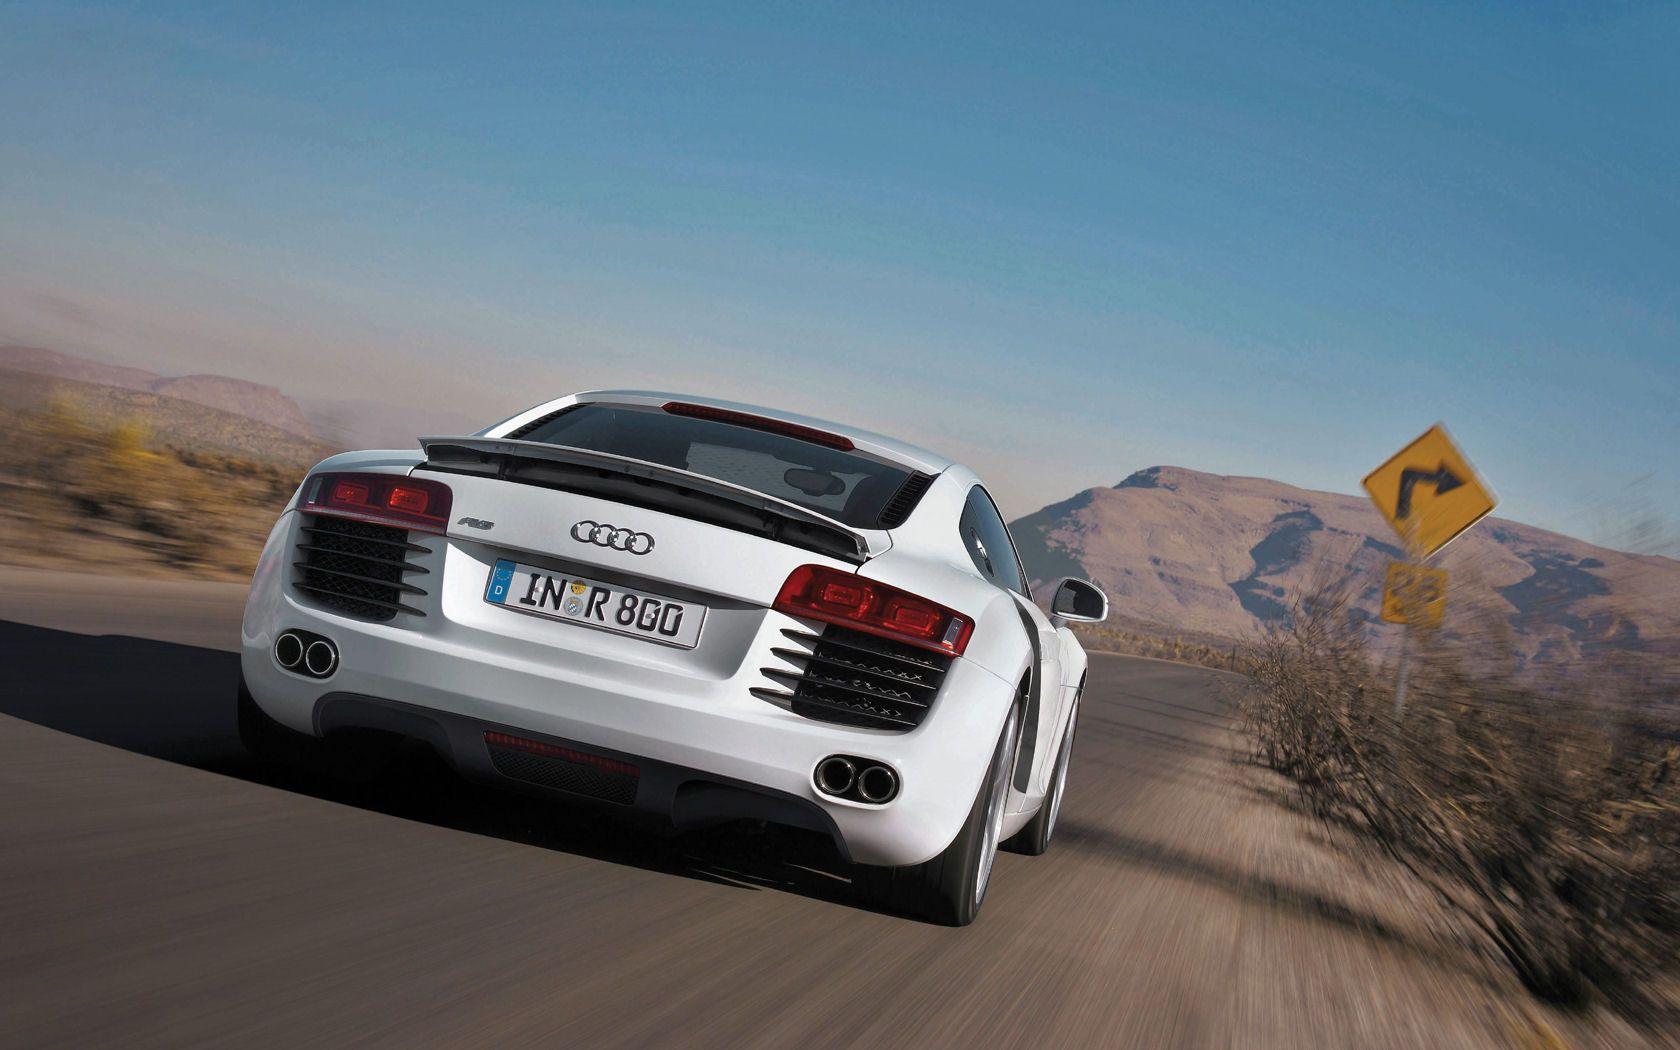 Audi R8 Desktop Wallpaper 12